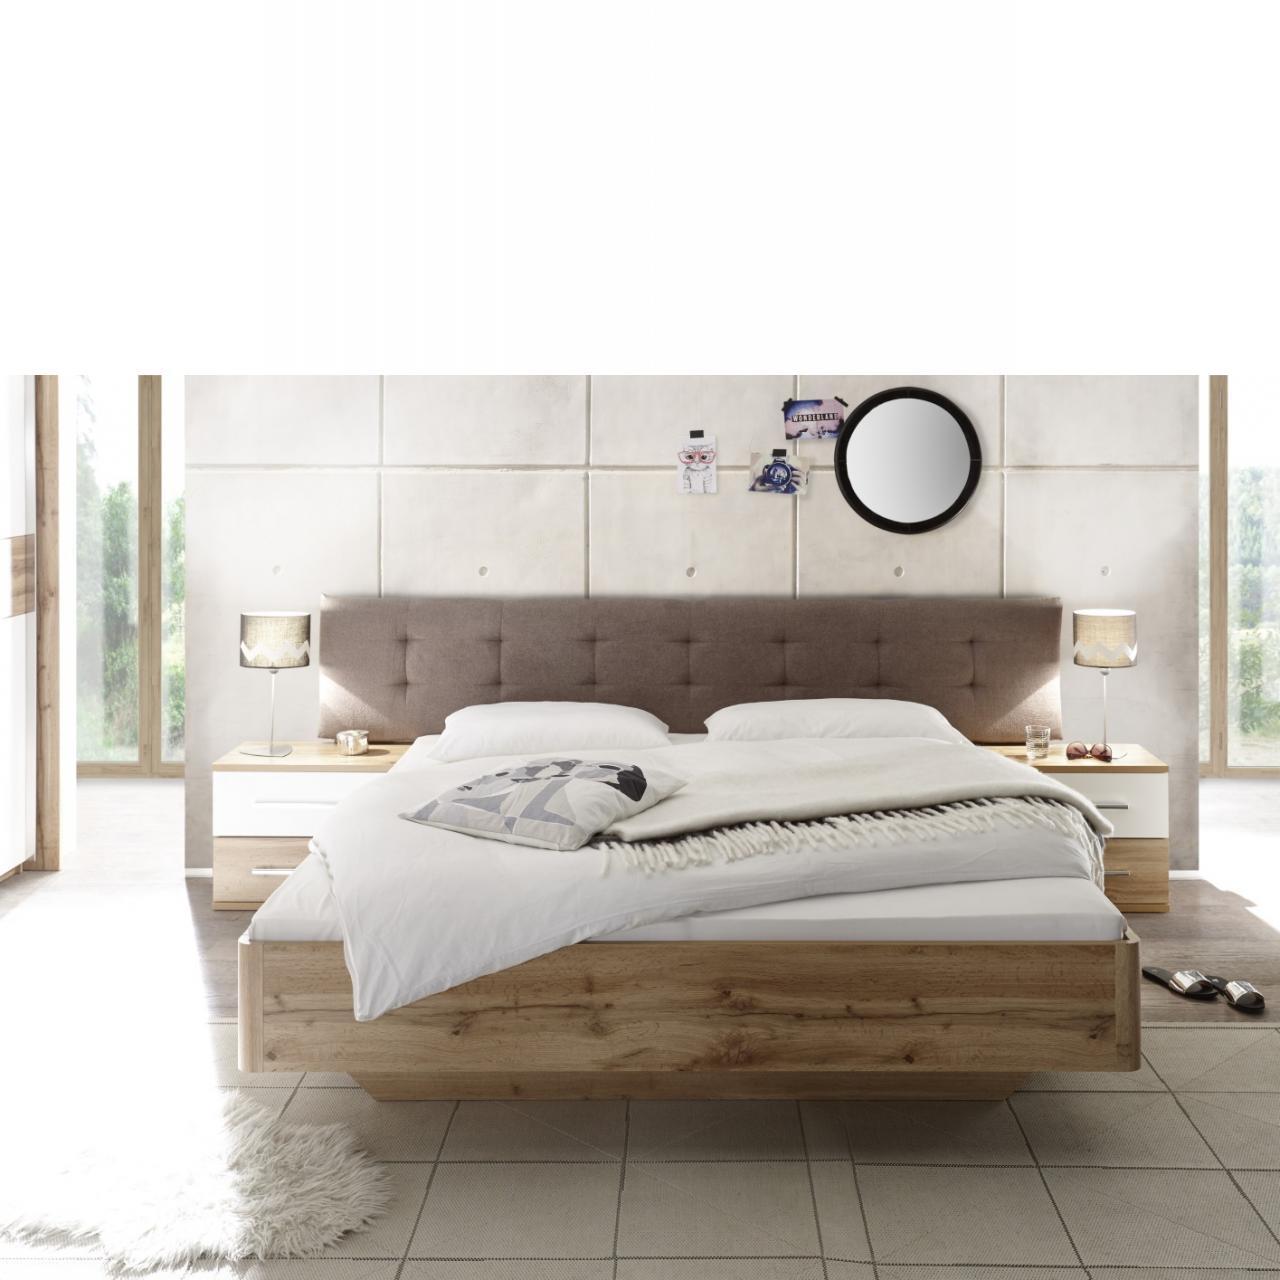 bett kaufen online hausdesign hasena bett kaufen wunderbar betten oak vintage vilo wildeiche. Black Bedroom Furniture Sets. Home Design Ideas